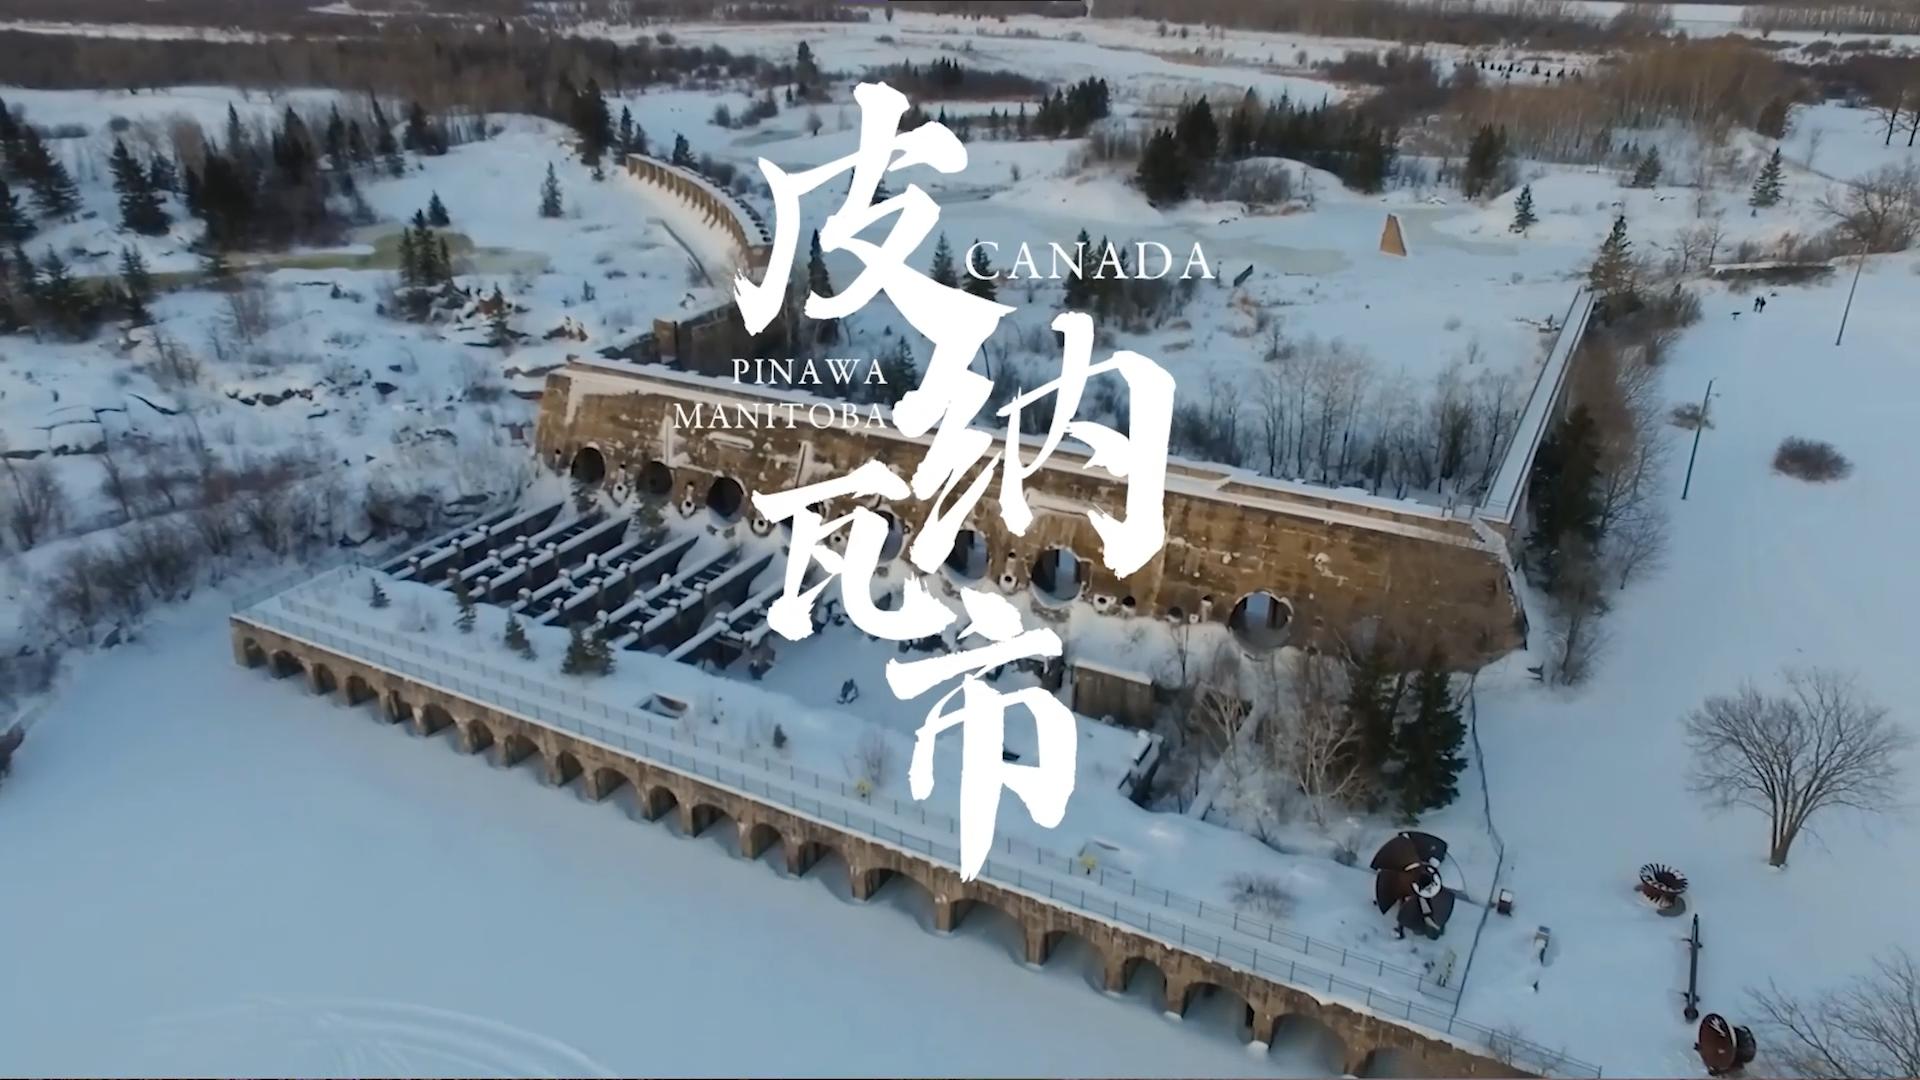 【张学勇移民公司】加拿大曼省城市介绍之皮纳瓦Pinawa